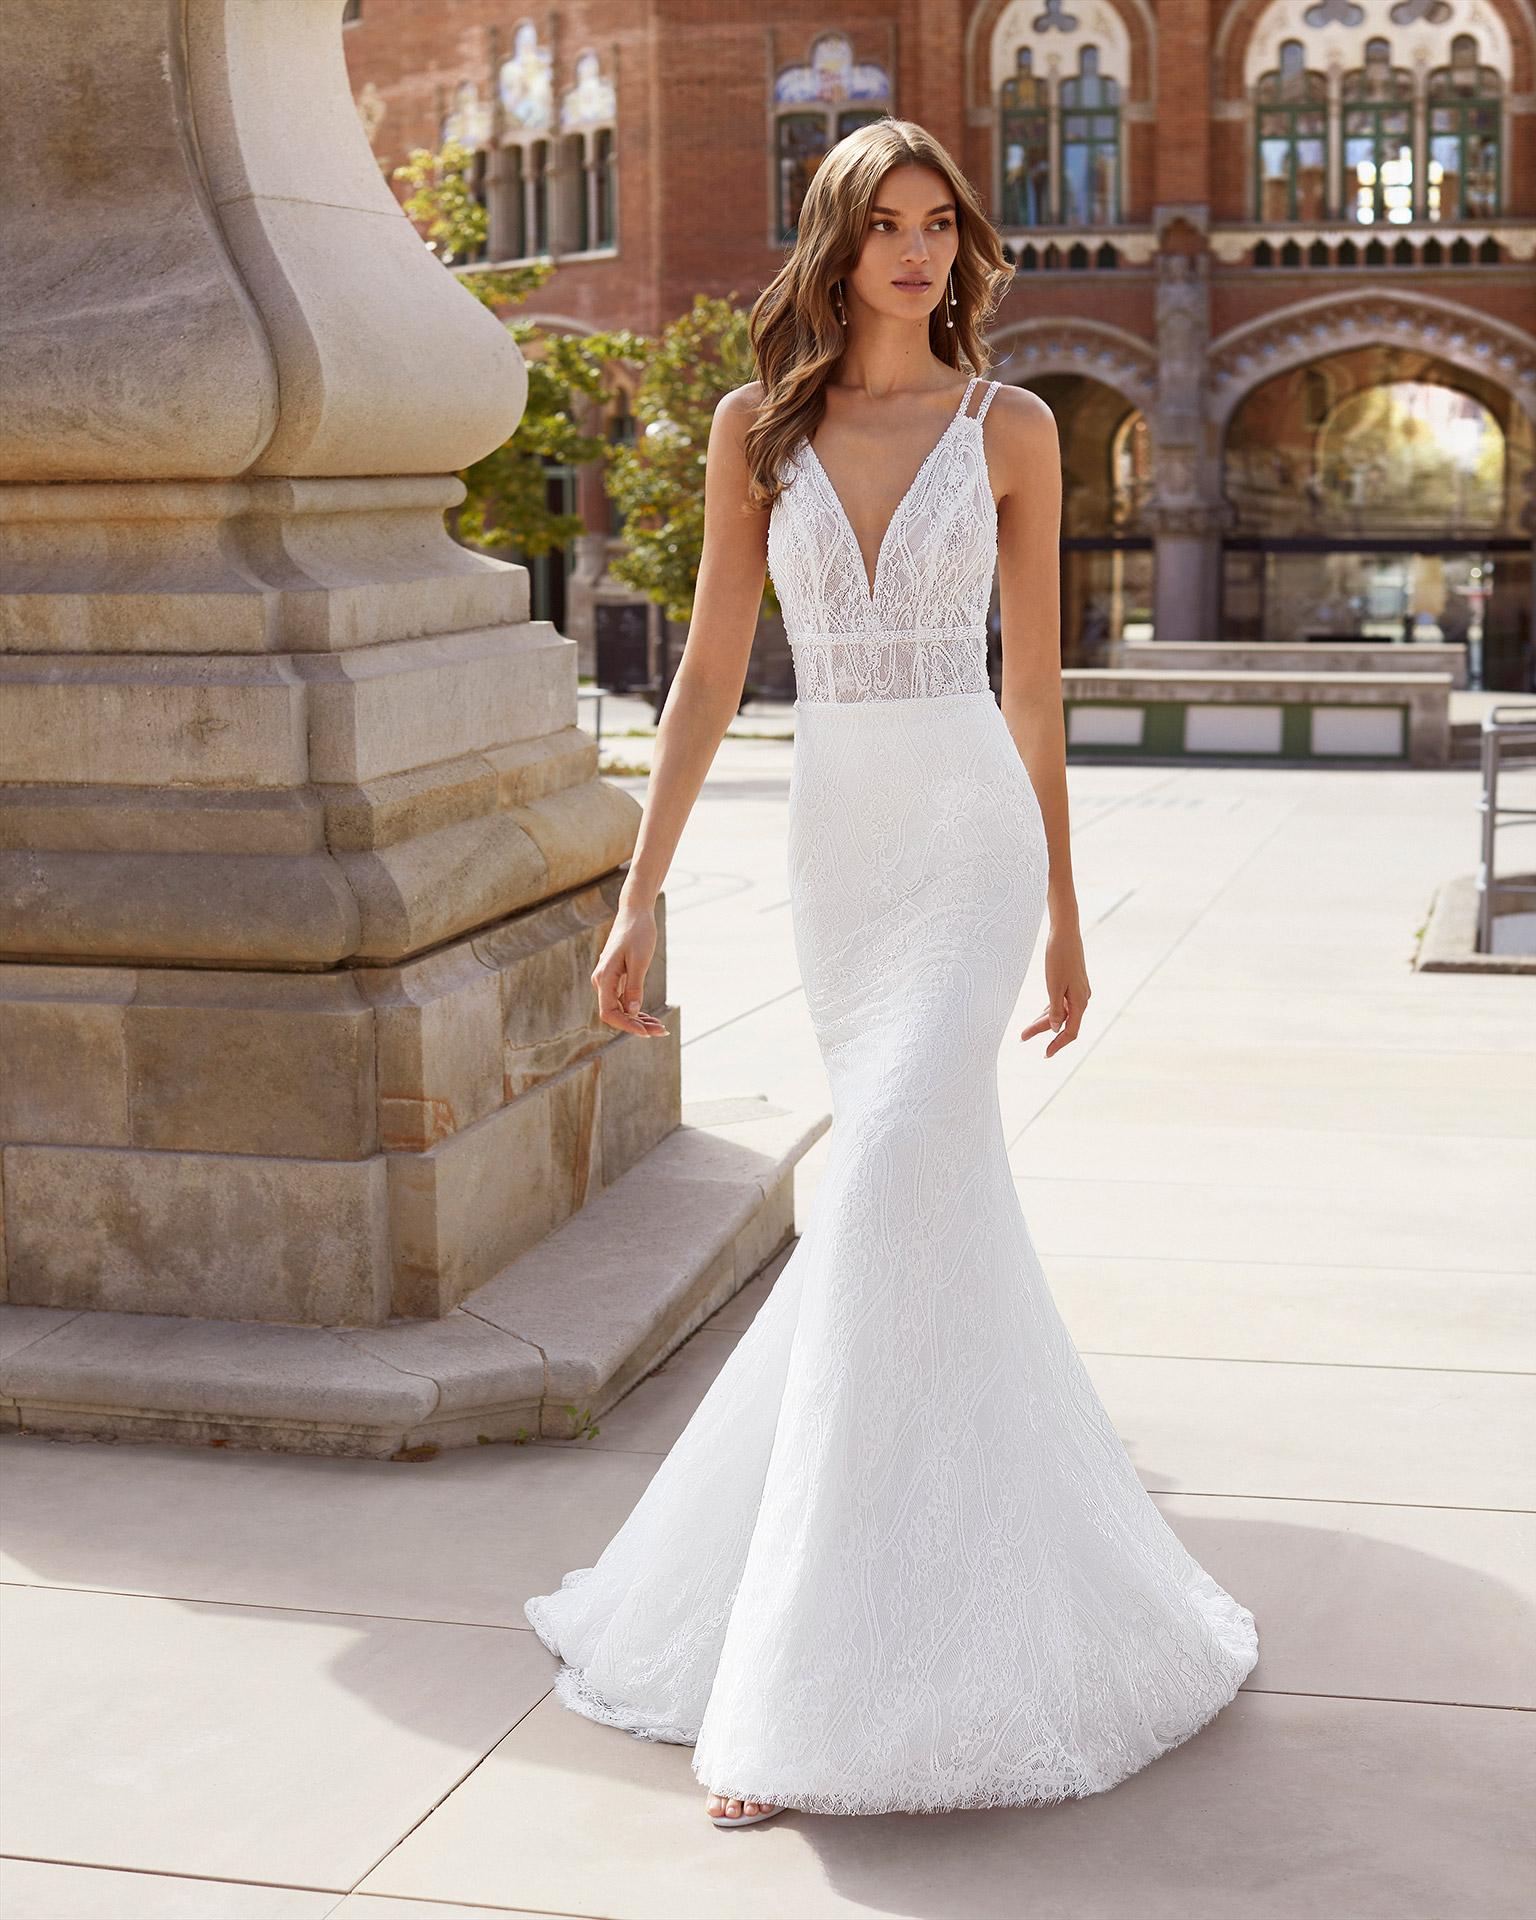 Vestido de novia corte recto de encaje y pedrería. Escote en V y espalda abierta con tirantes. Colección  2021.